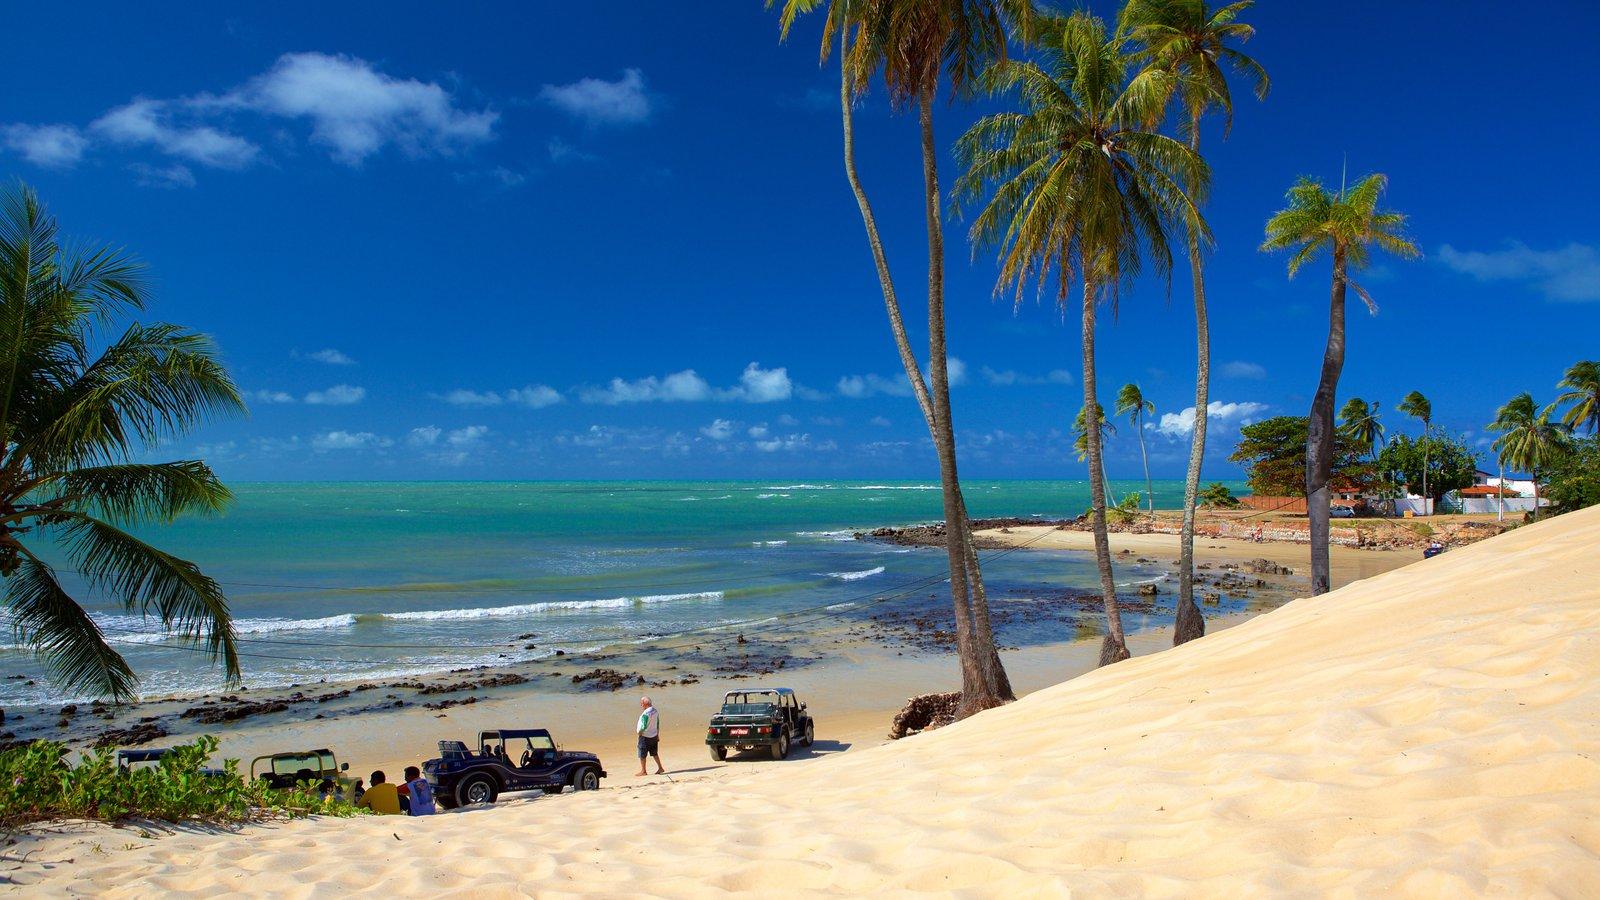 Praia de Genipabú que inclui uma praia de areia, cenas tropicais e off-road